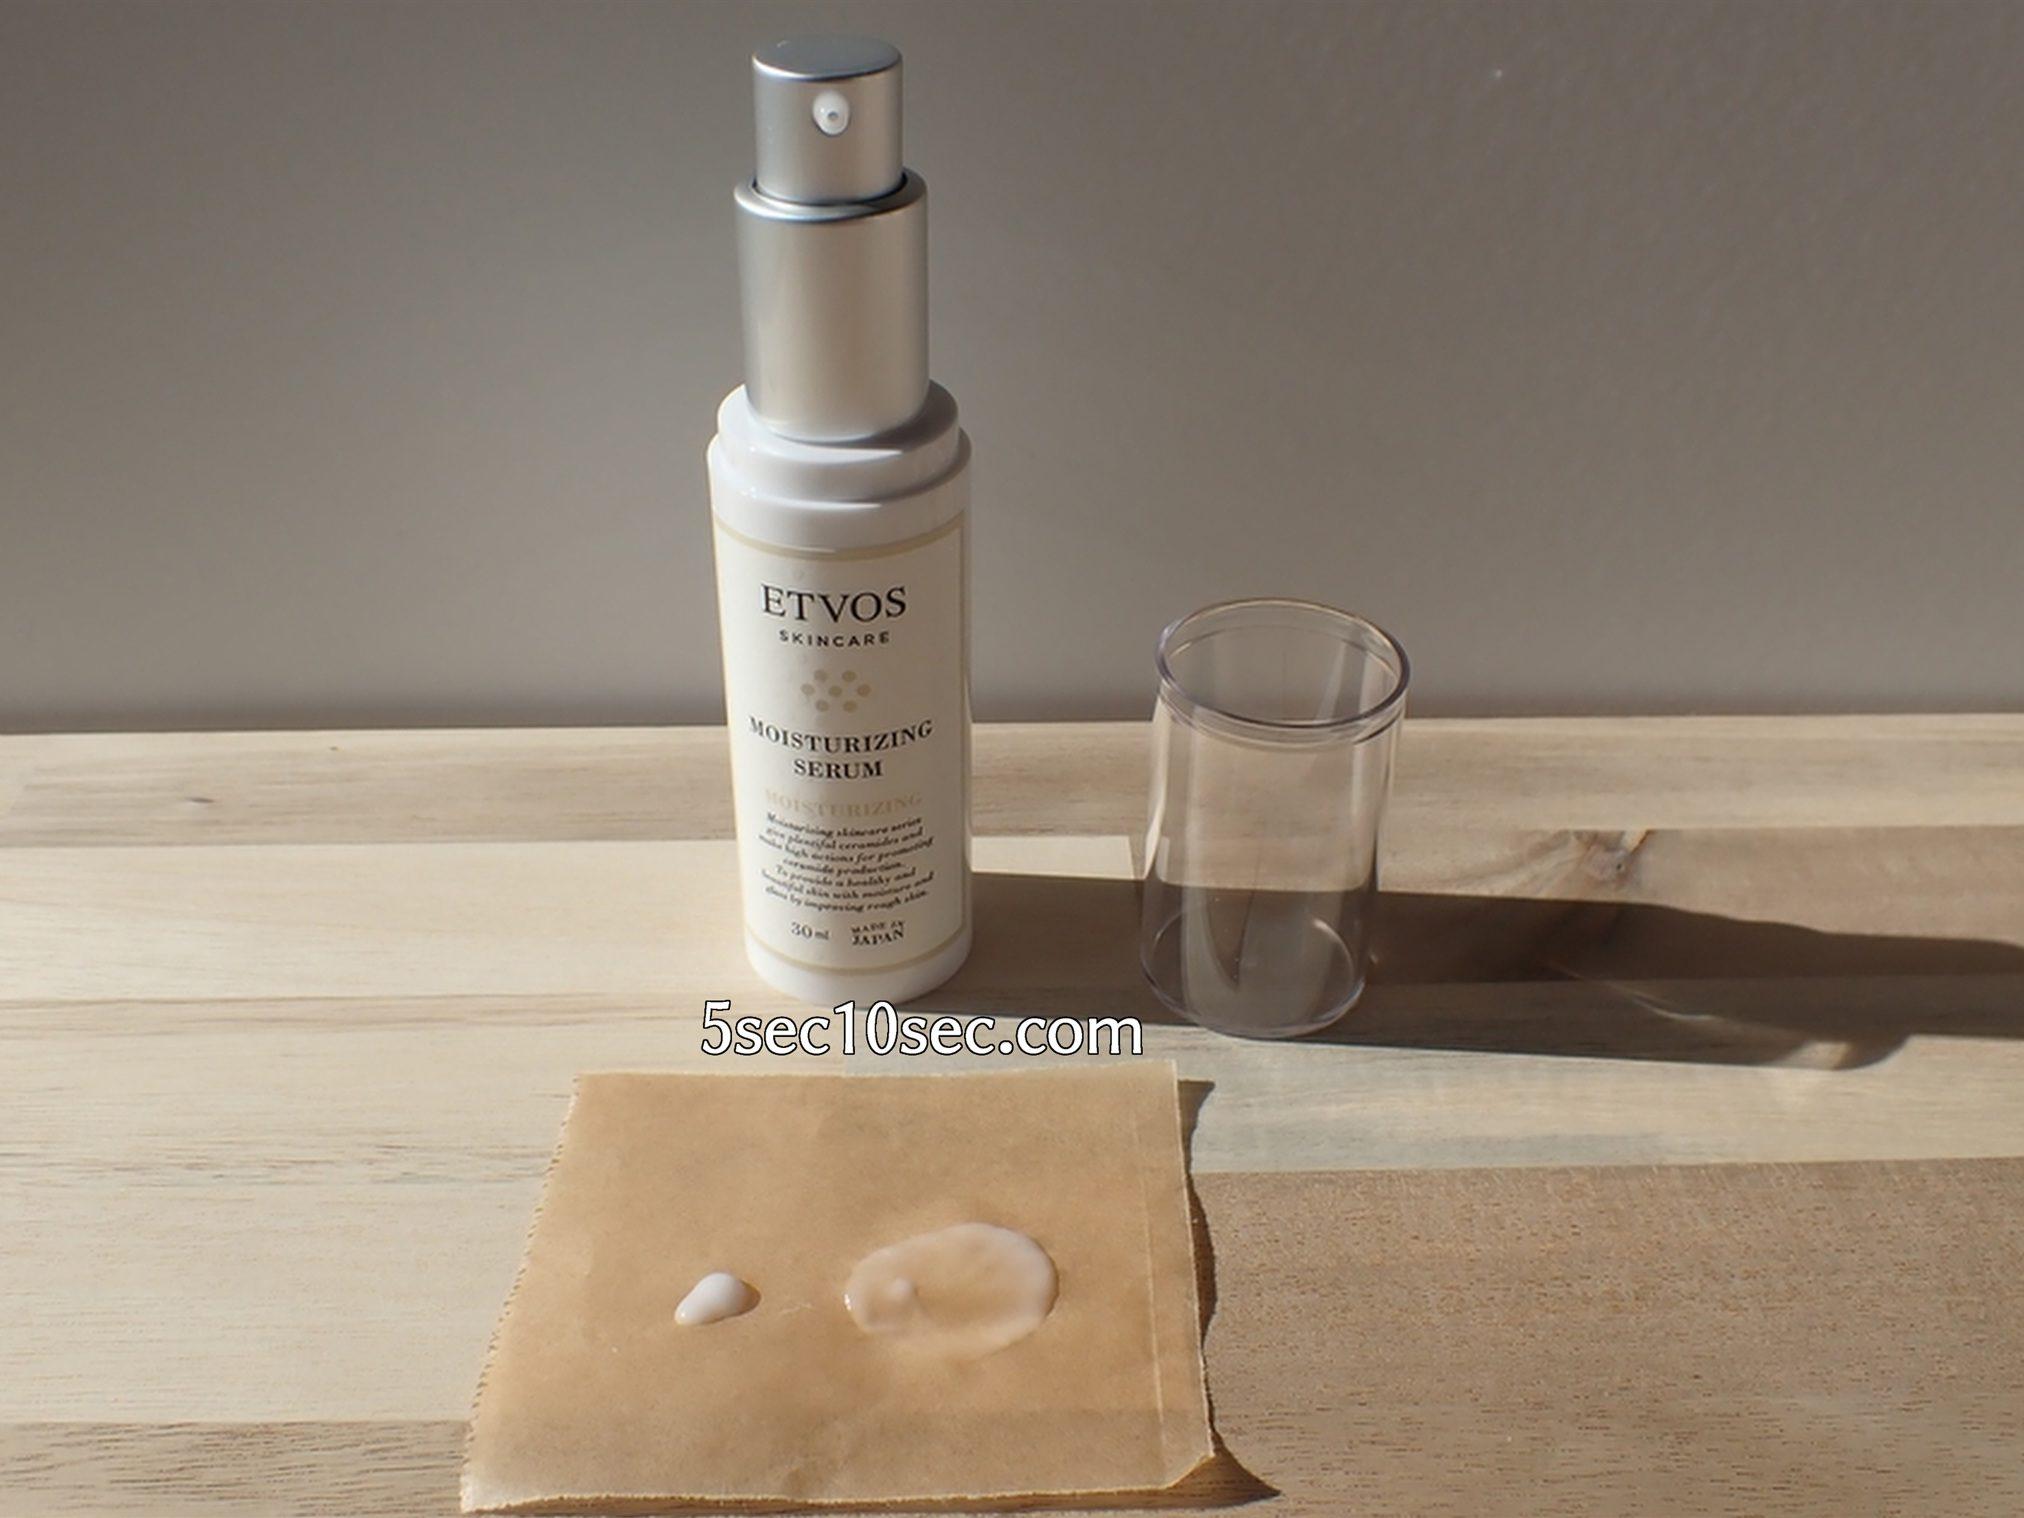 エトヴォス ETVOS モイスチャライジングローションS モイスチャライジングセラムS モイスチャーラインSサイズセット 保湿美容液・乳液のテクスチャー クリームっぽくなくて、美容液のようにするっと、サラッとしたテクスチャーです